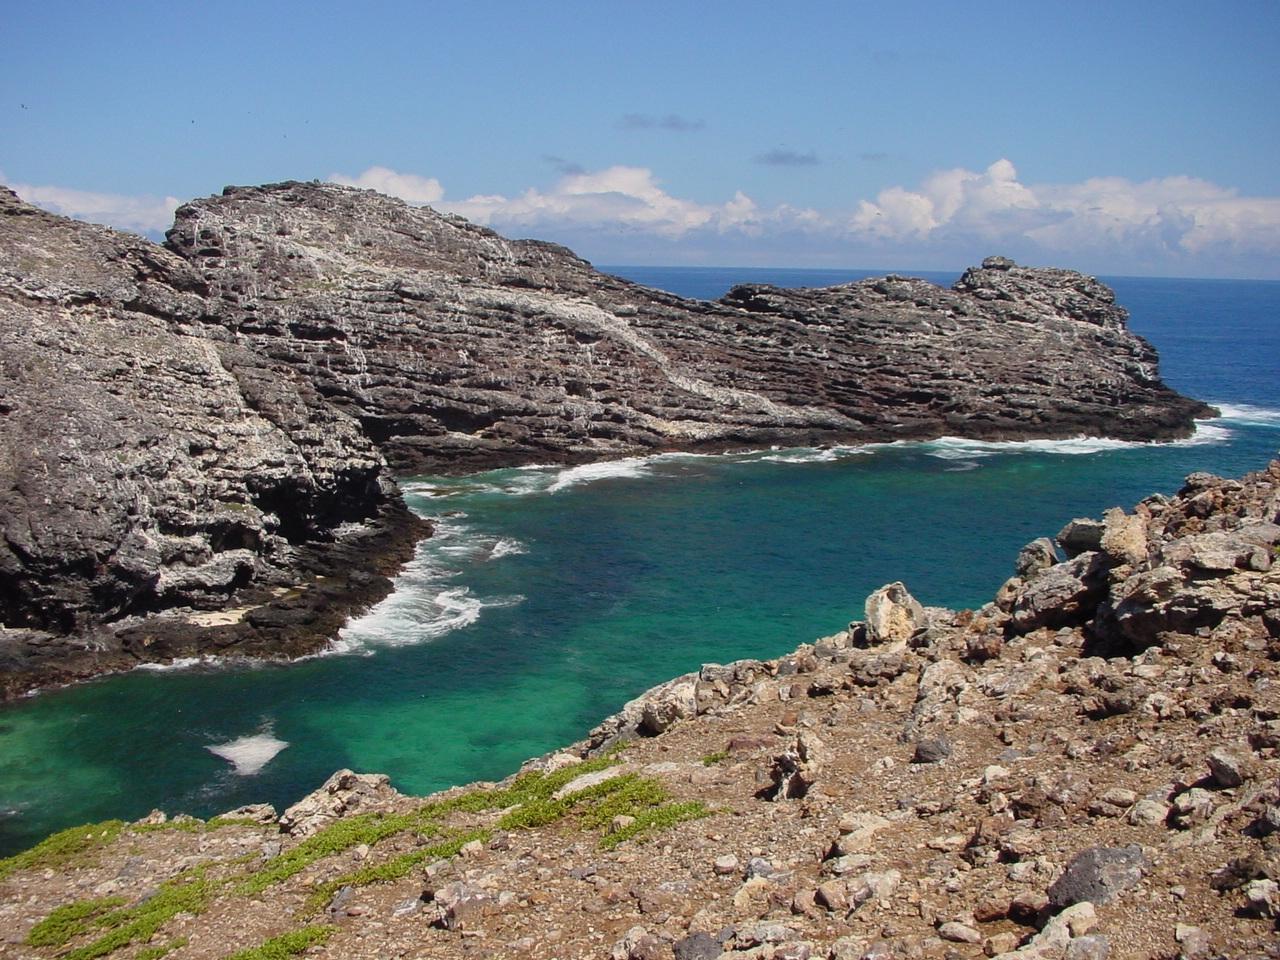 Ngs Project Nw Hawaiian Islands Necker Island